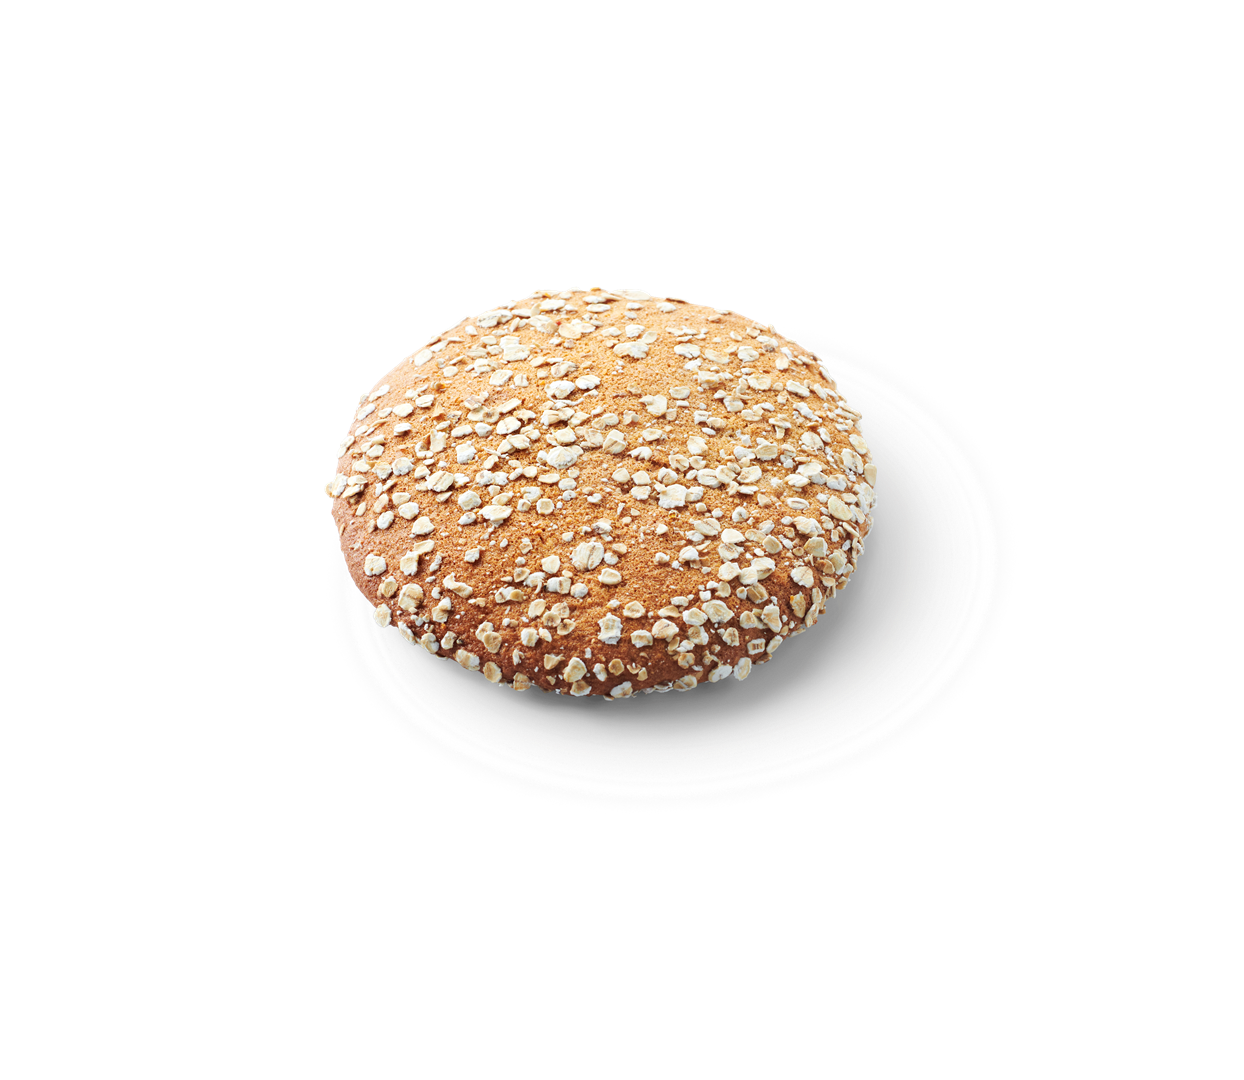 Productafbeelding Haver eierkoek, 5 stuks, 200 gram